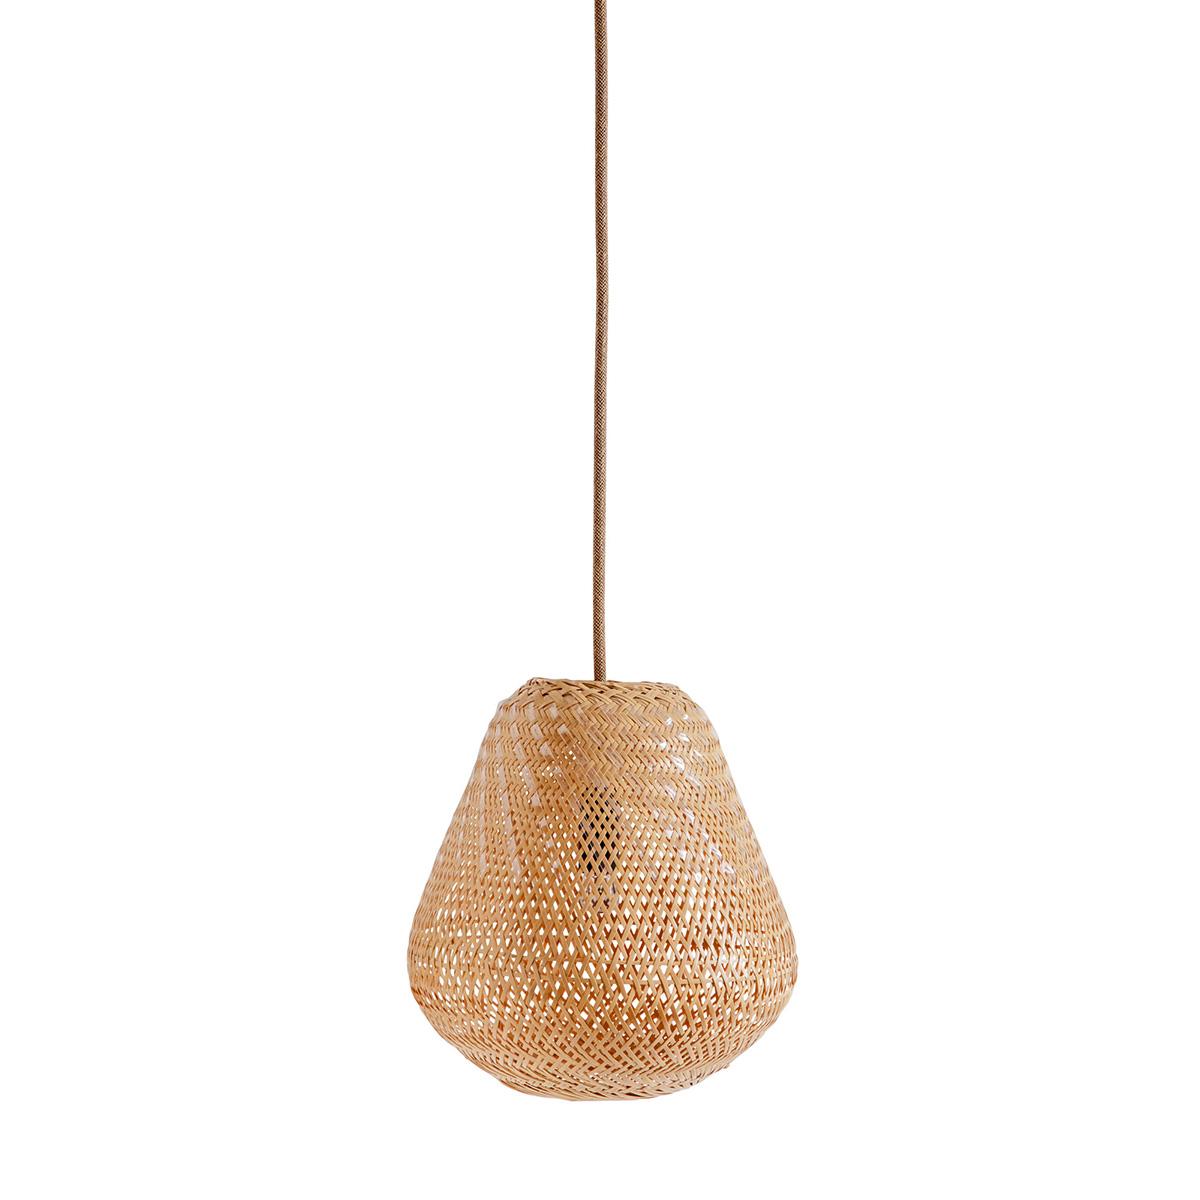 01-pet-lamp-kyoto-hideaki-hosokawa-alvaro-catalan-ocon